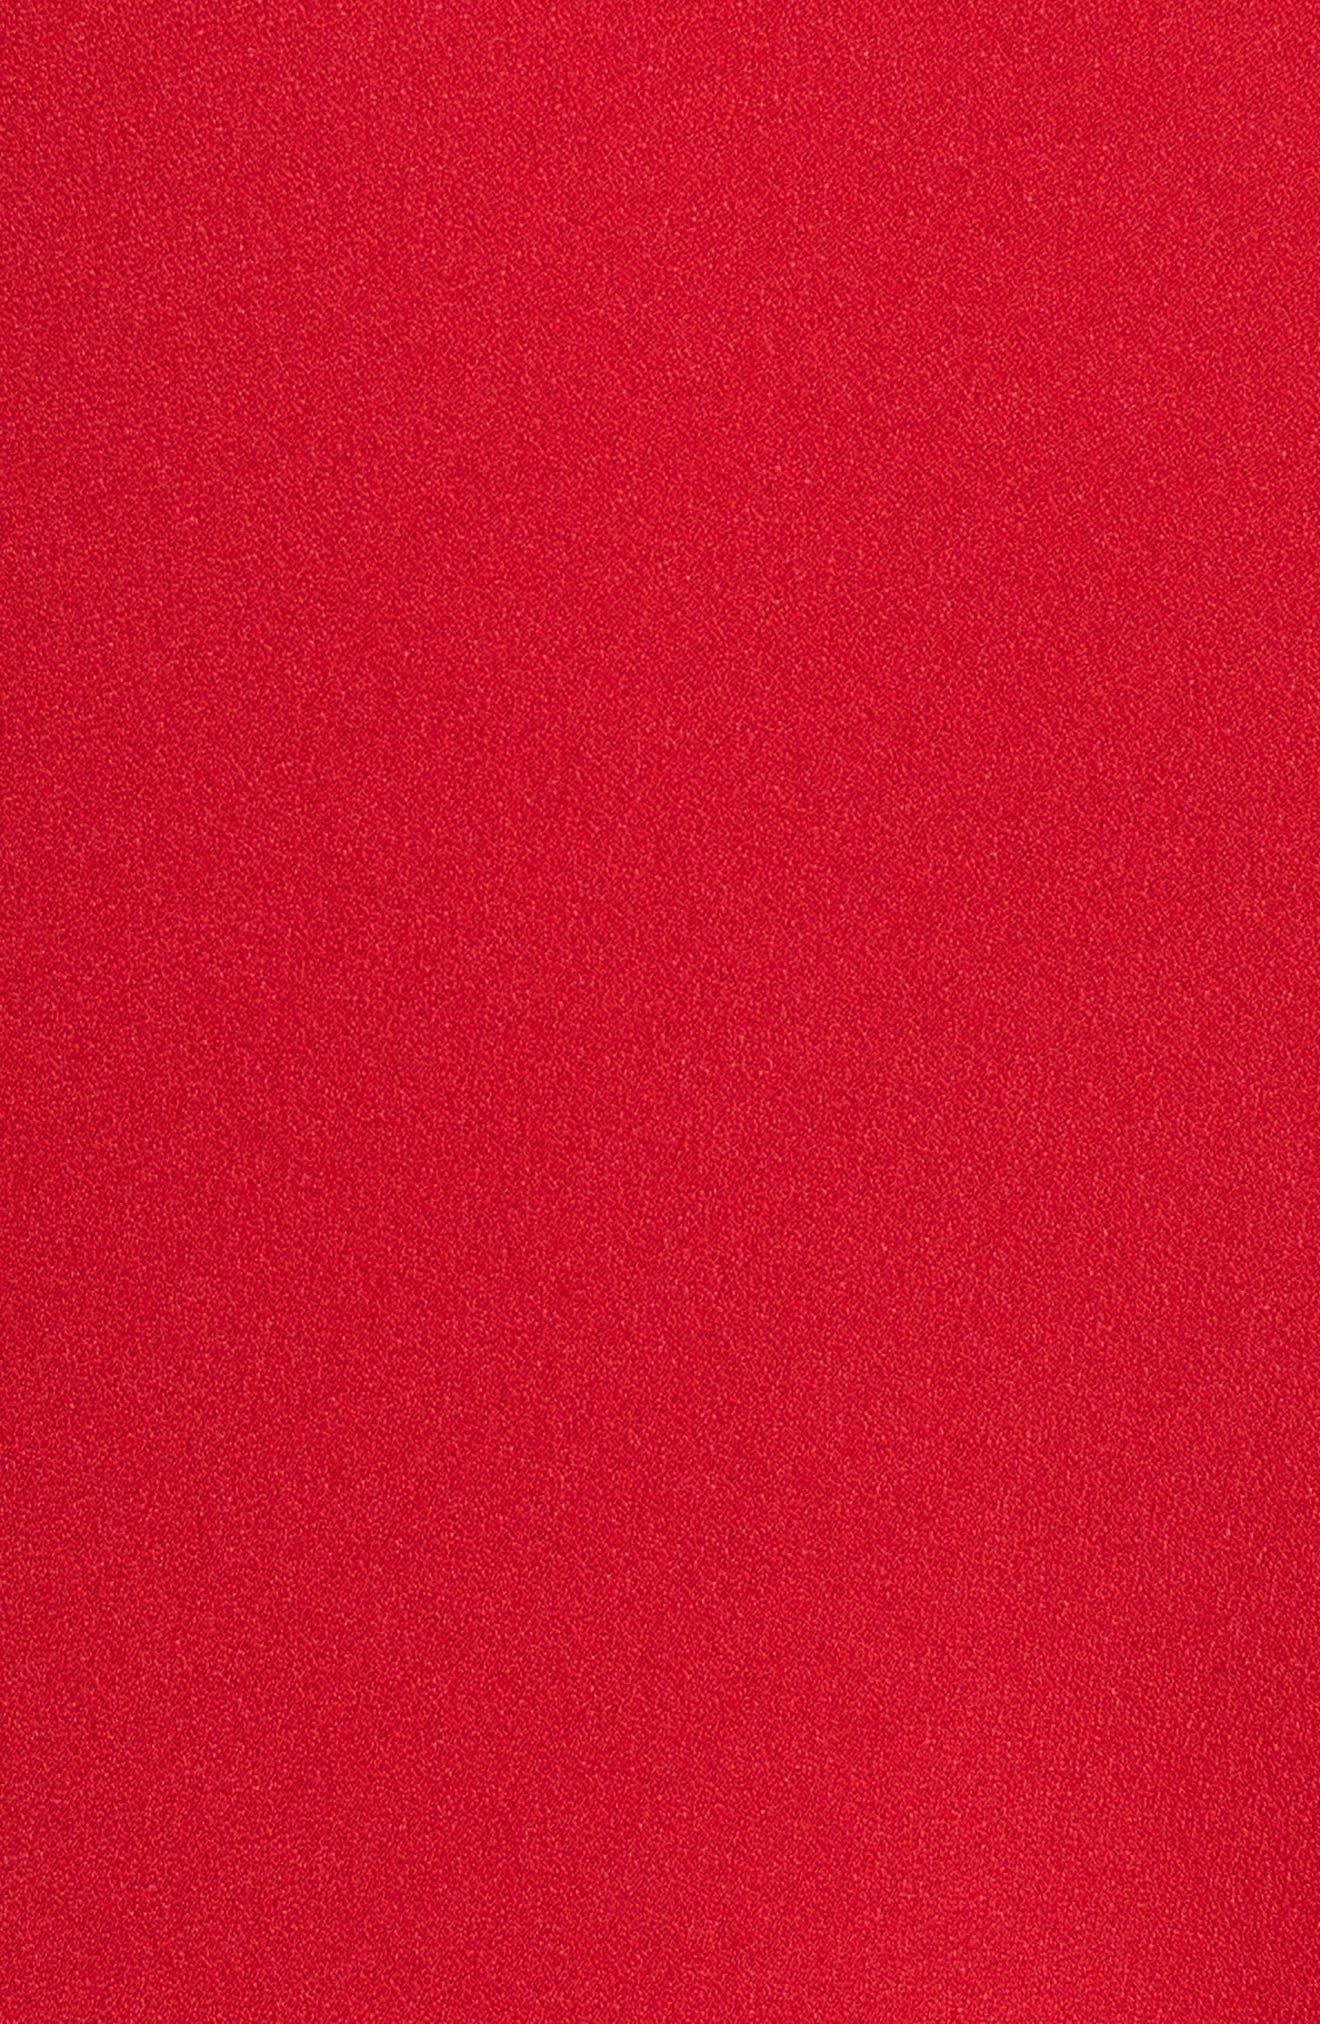 Satin Crepe Godet Skirt,                             Alternate thumbnail 5, color,                             600